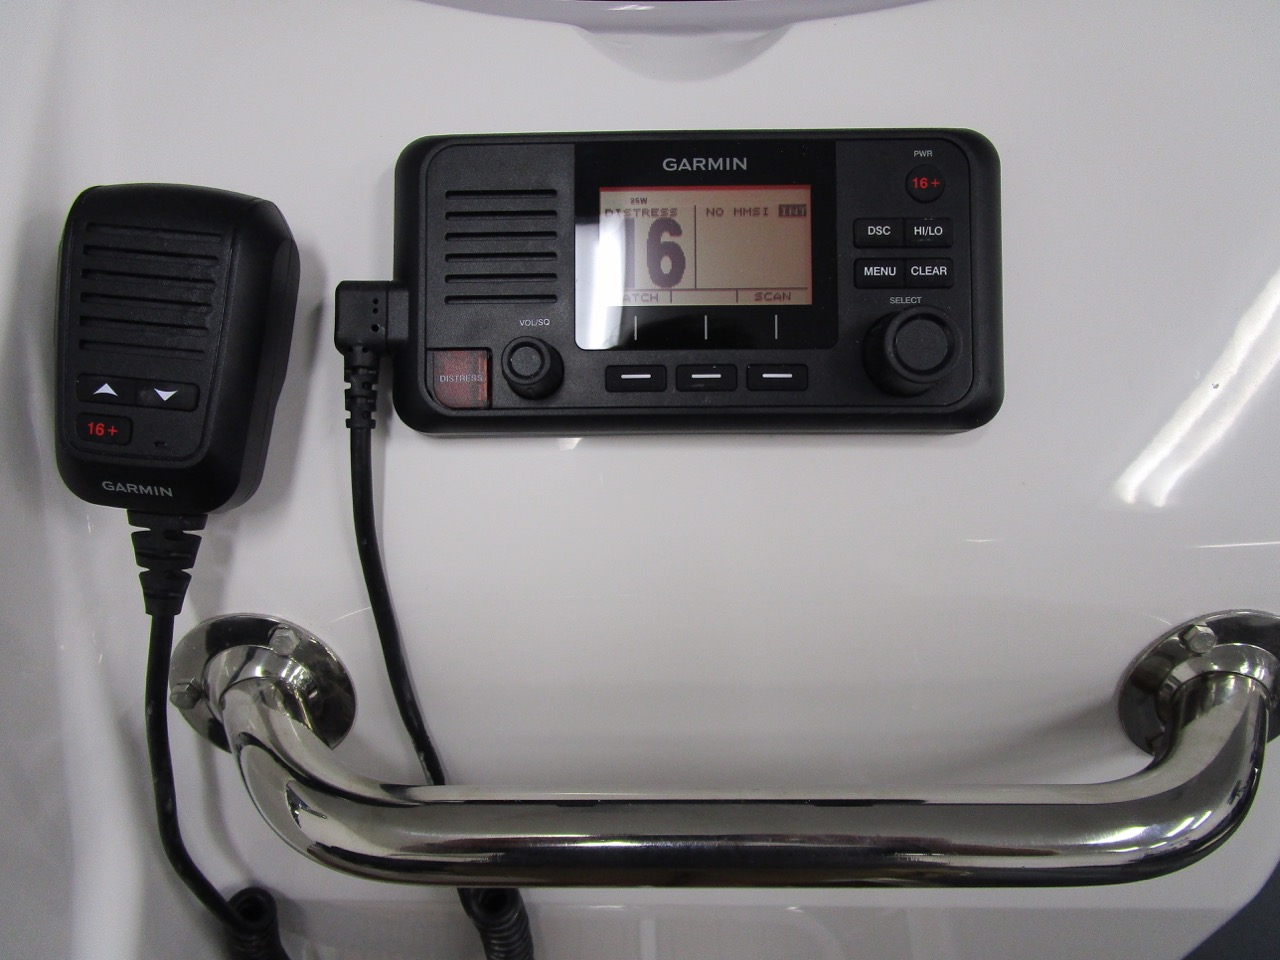 E780 - Garmin 110i VHF